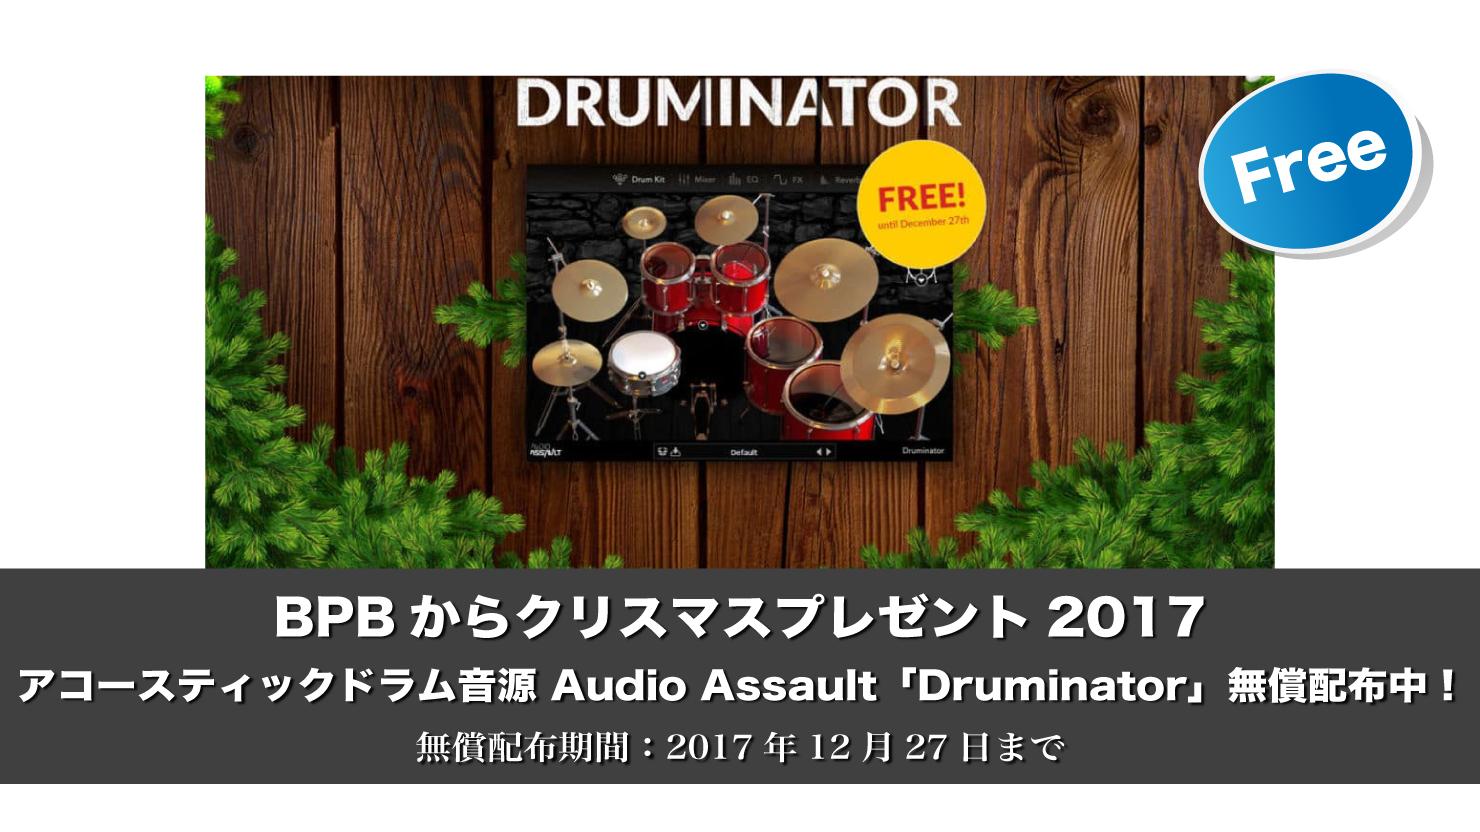 【無料】BPBからクリスマスプレゼント!通常75ドルのアコースティックドラム音源 Audio Assault「Druminator」無償配布中!